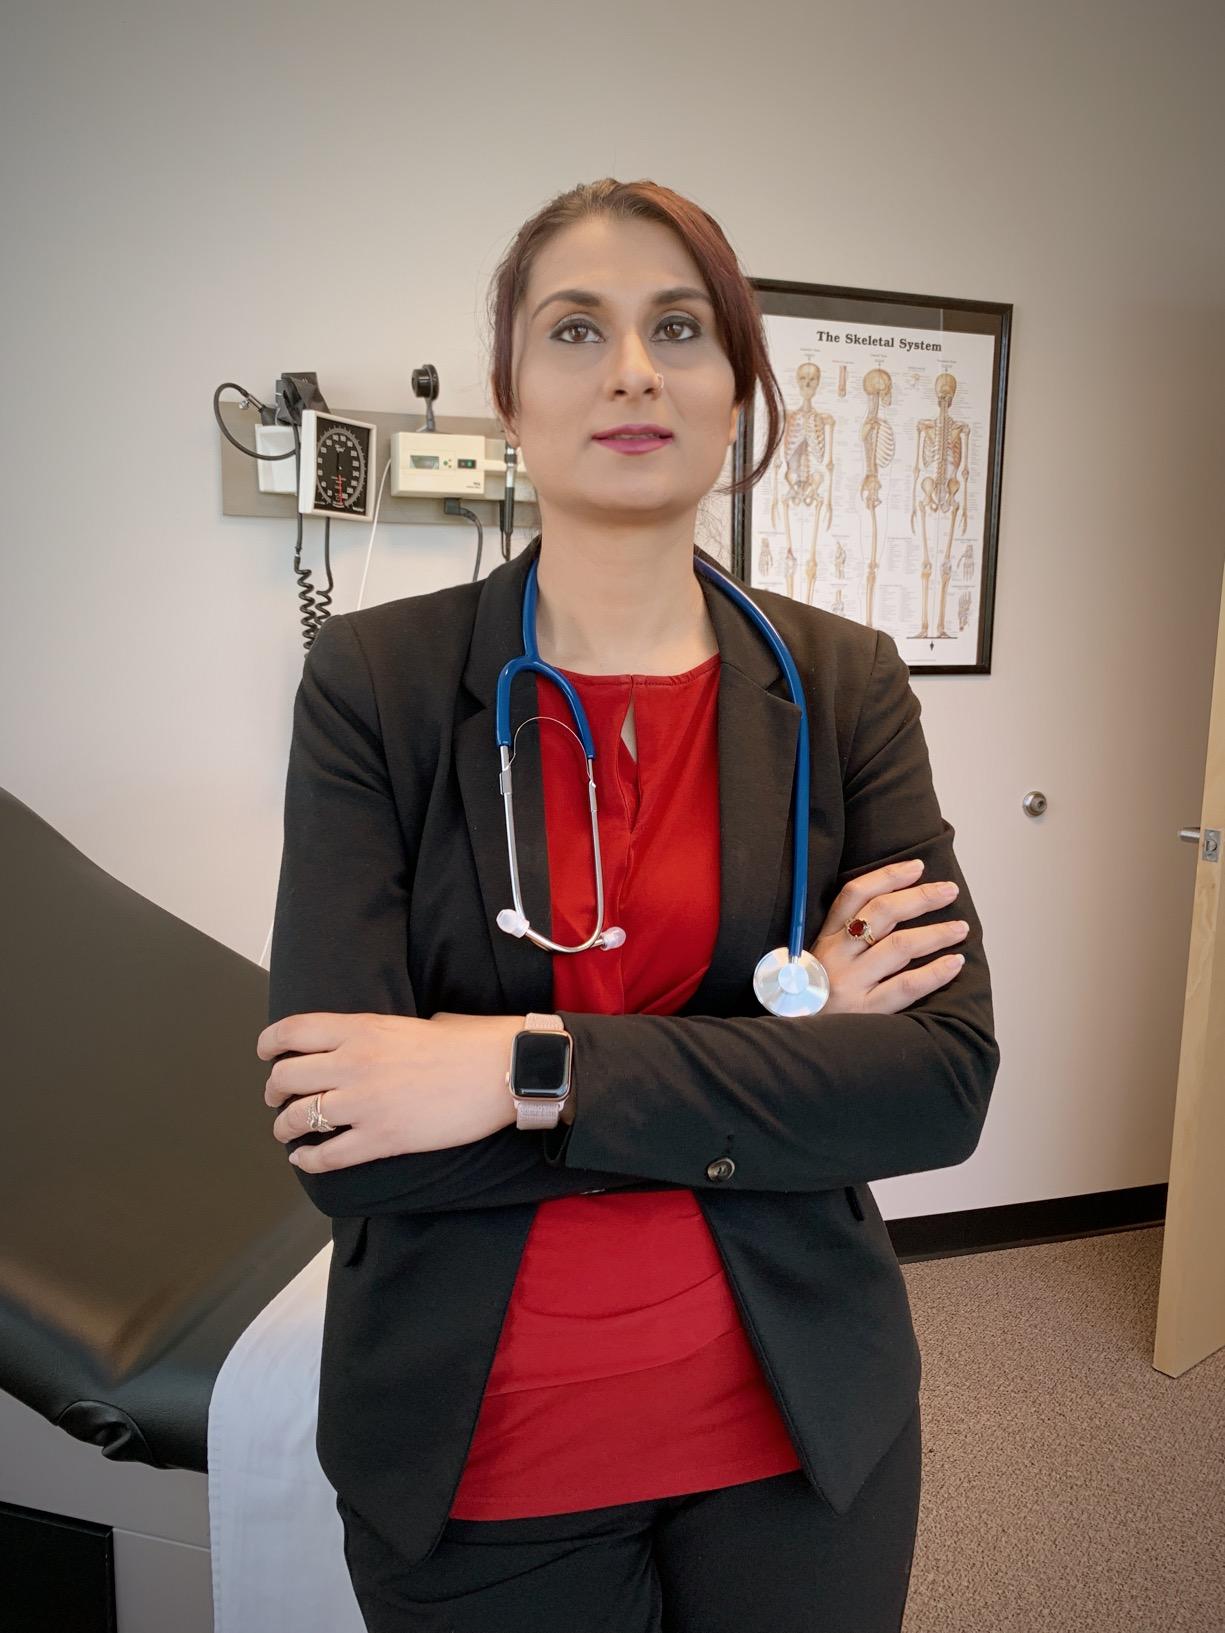 Fashion & Medicine An Interview With Dr. Untara Shaikh